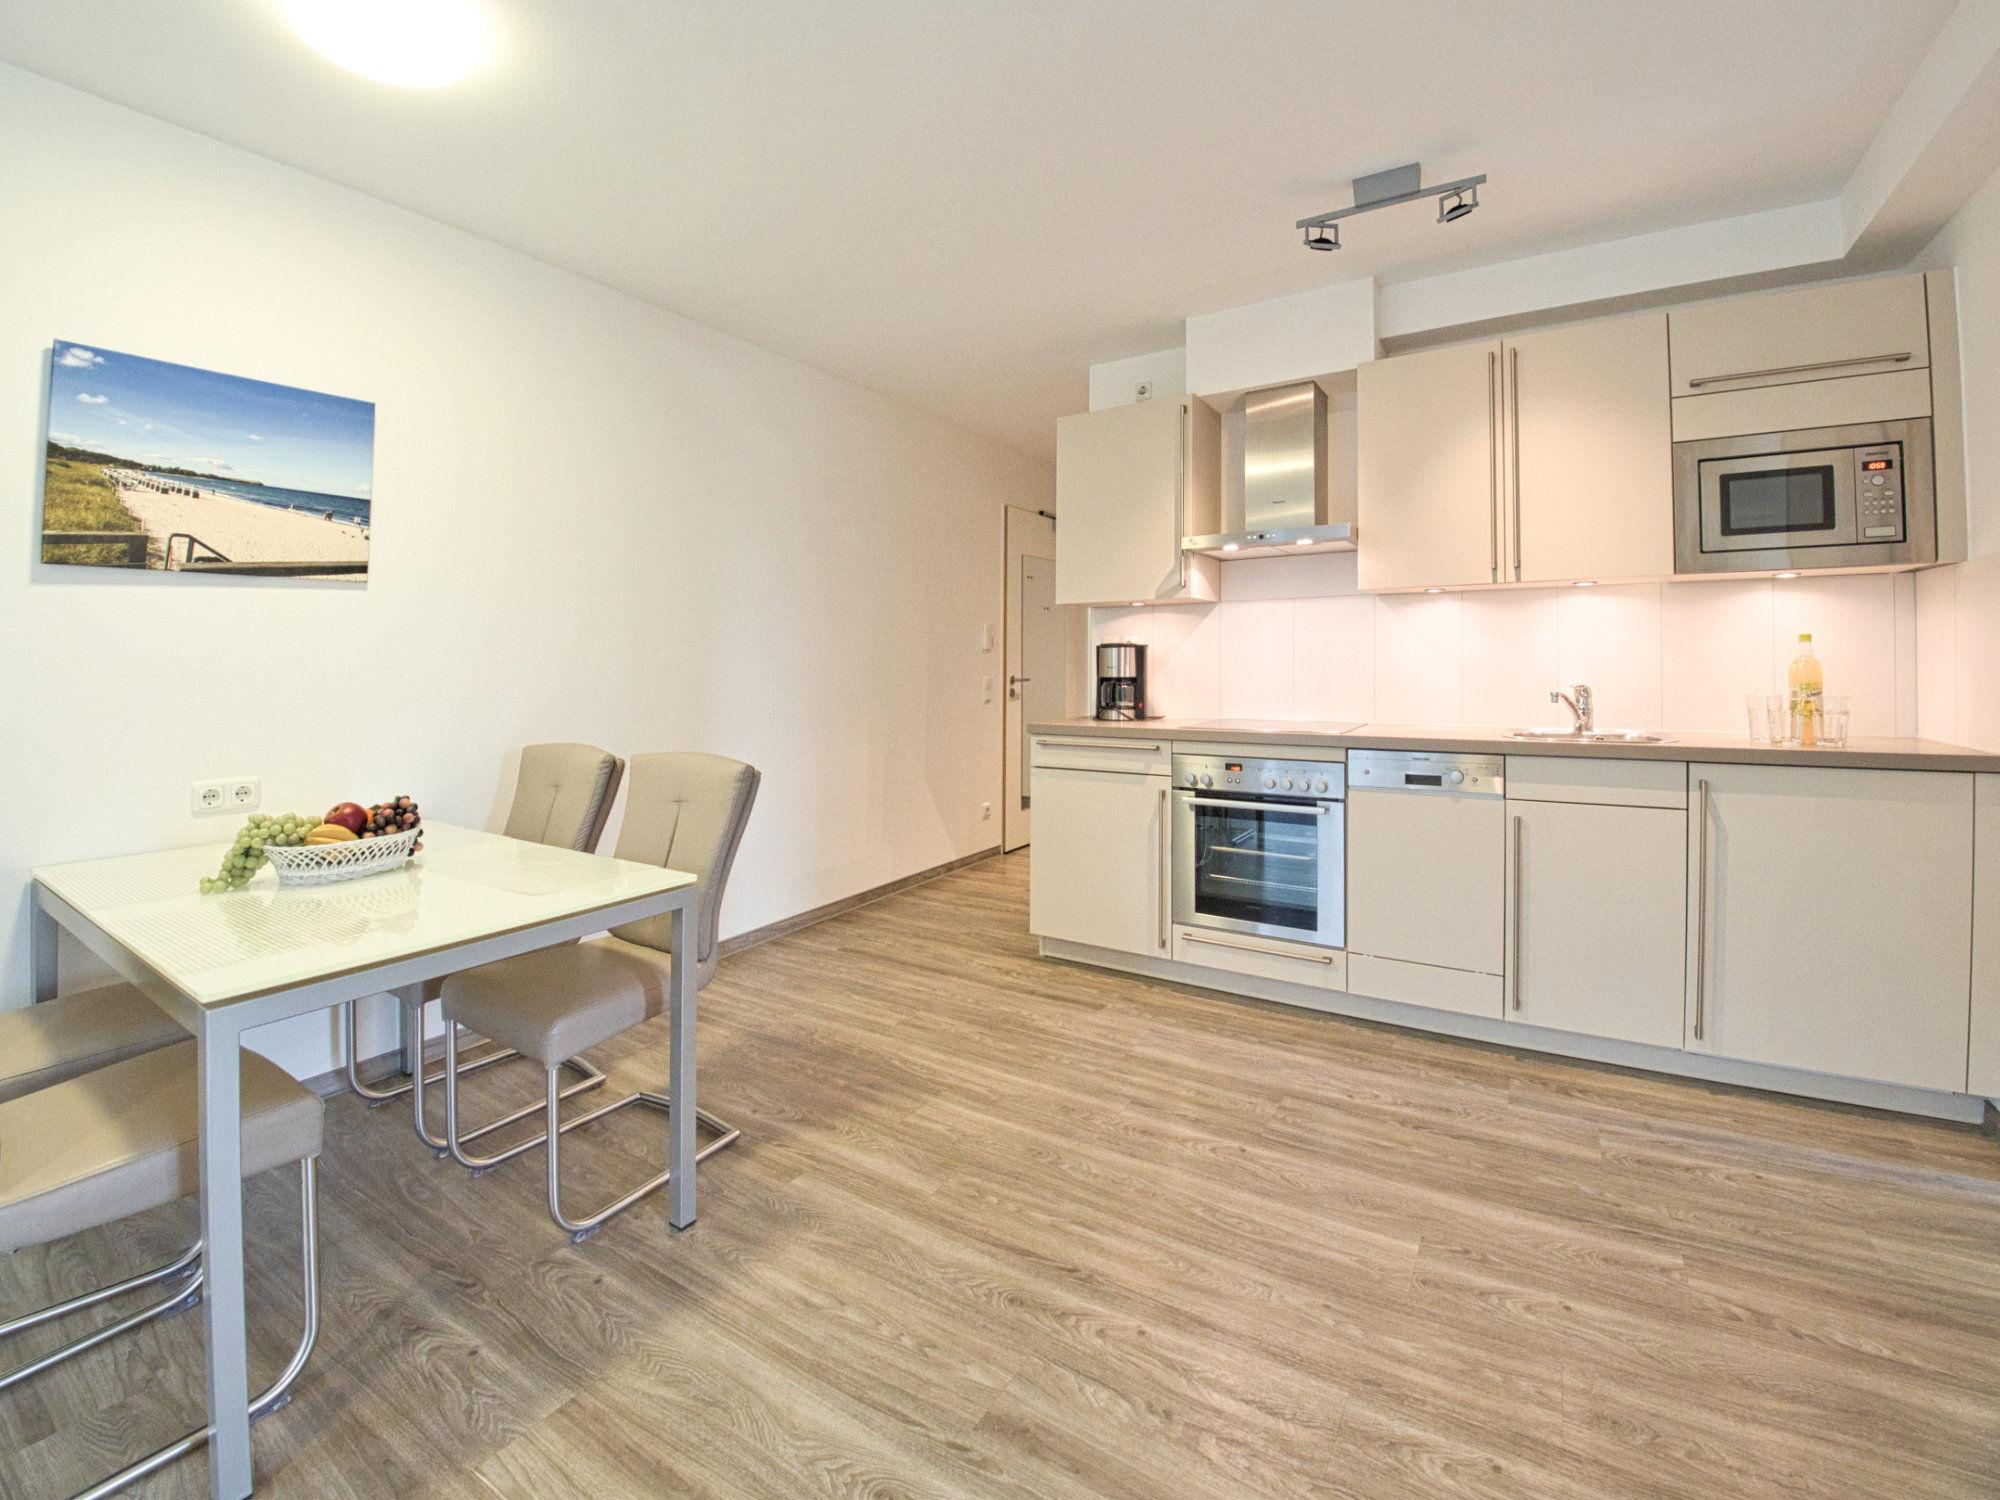 Esstisch mit 4 Stühlen und moderne Küchenzeile